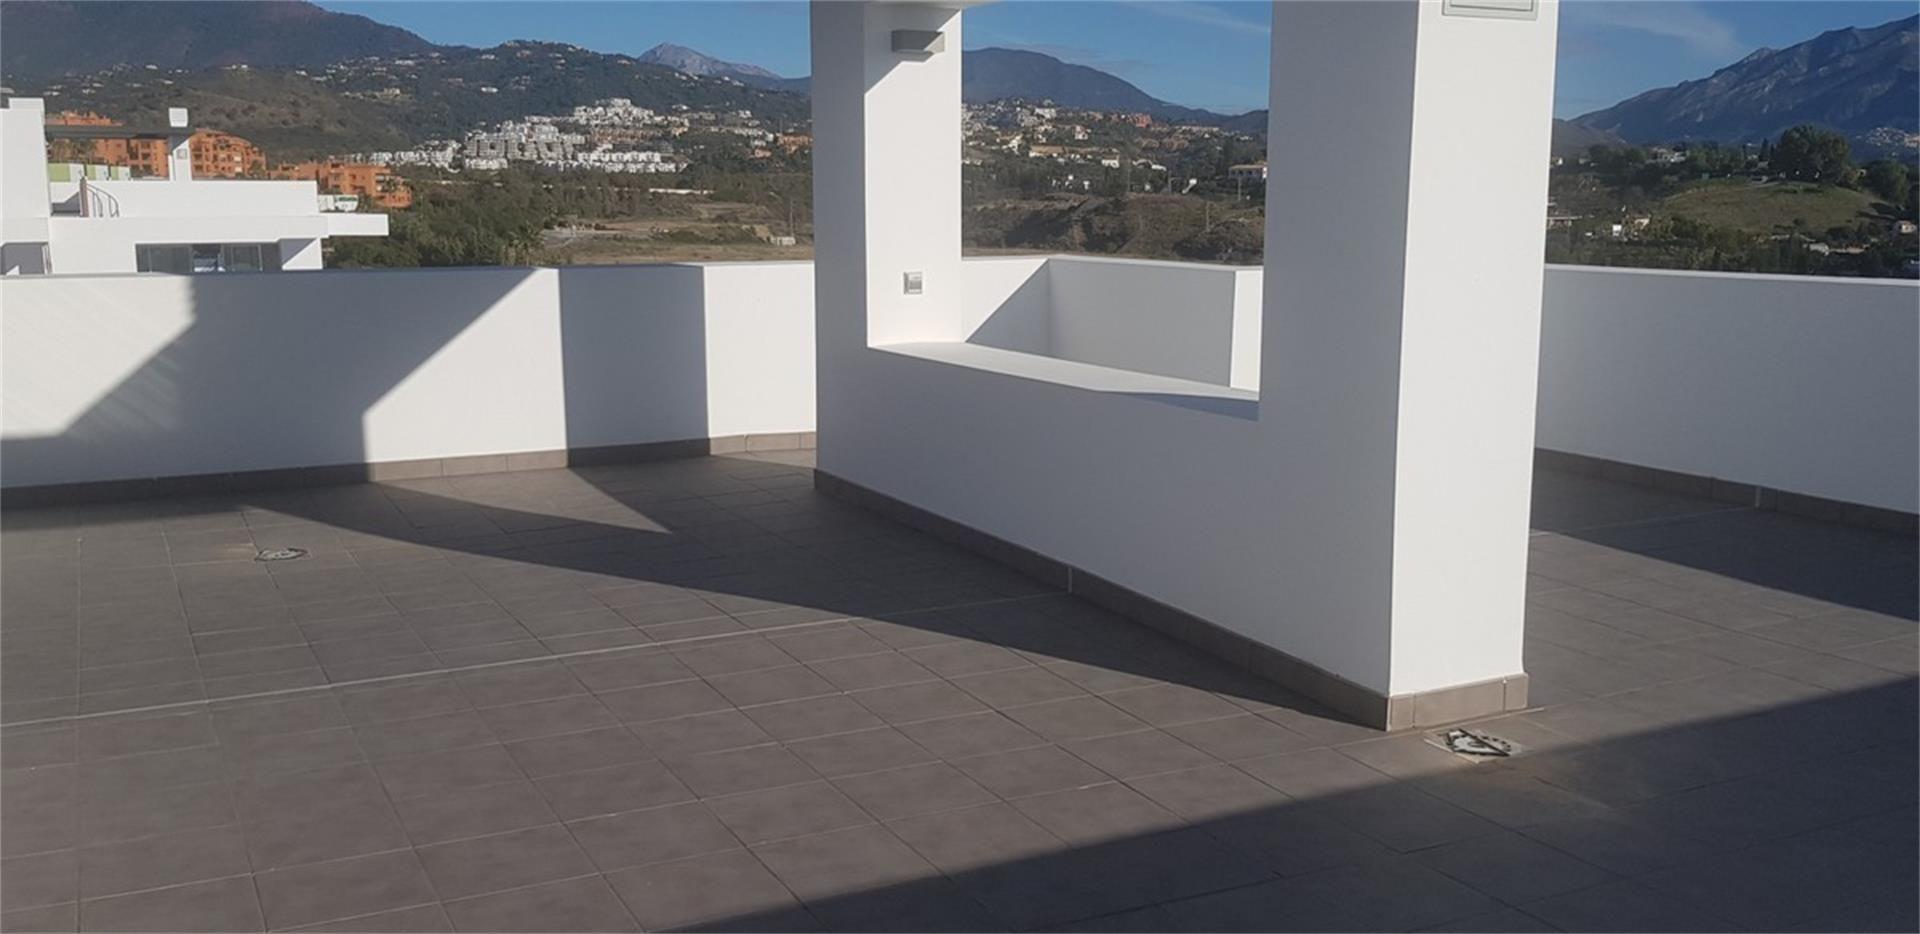 Piso de alquiler en Urbanización Marqués de Atalaya, Paraíso - Atalaya- Benamara (El Paraíso, Málaga)